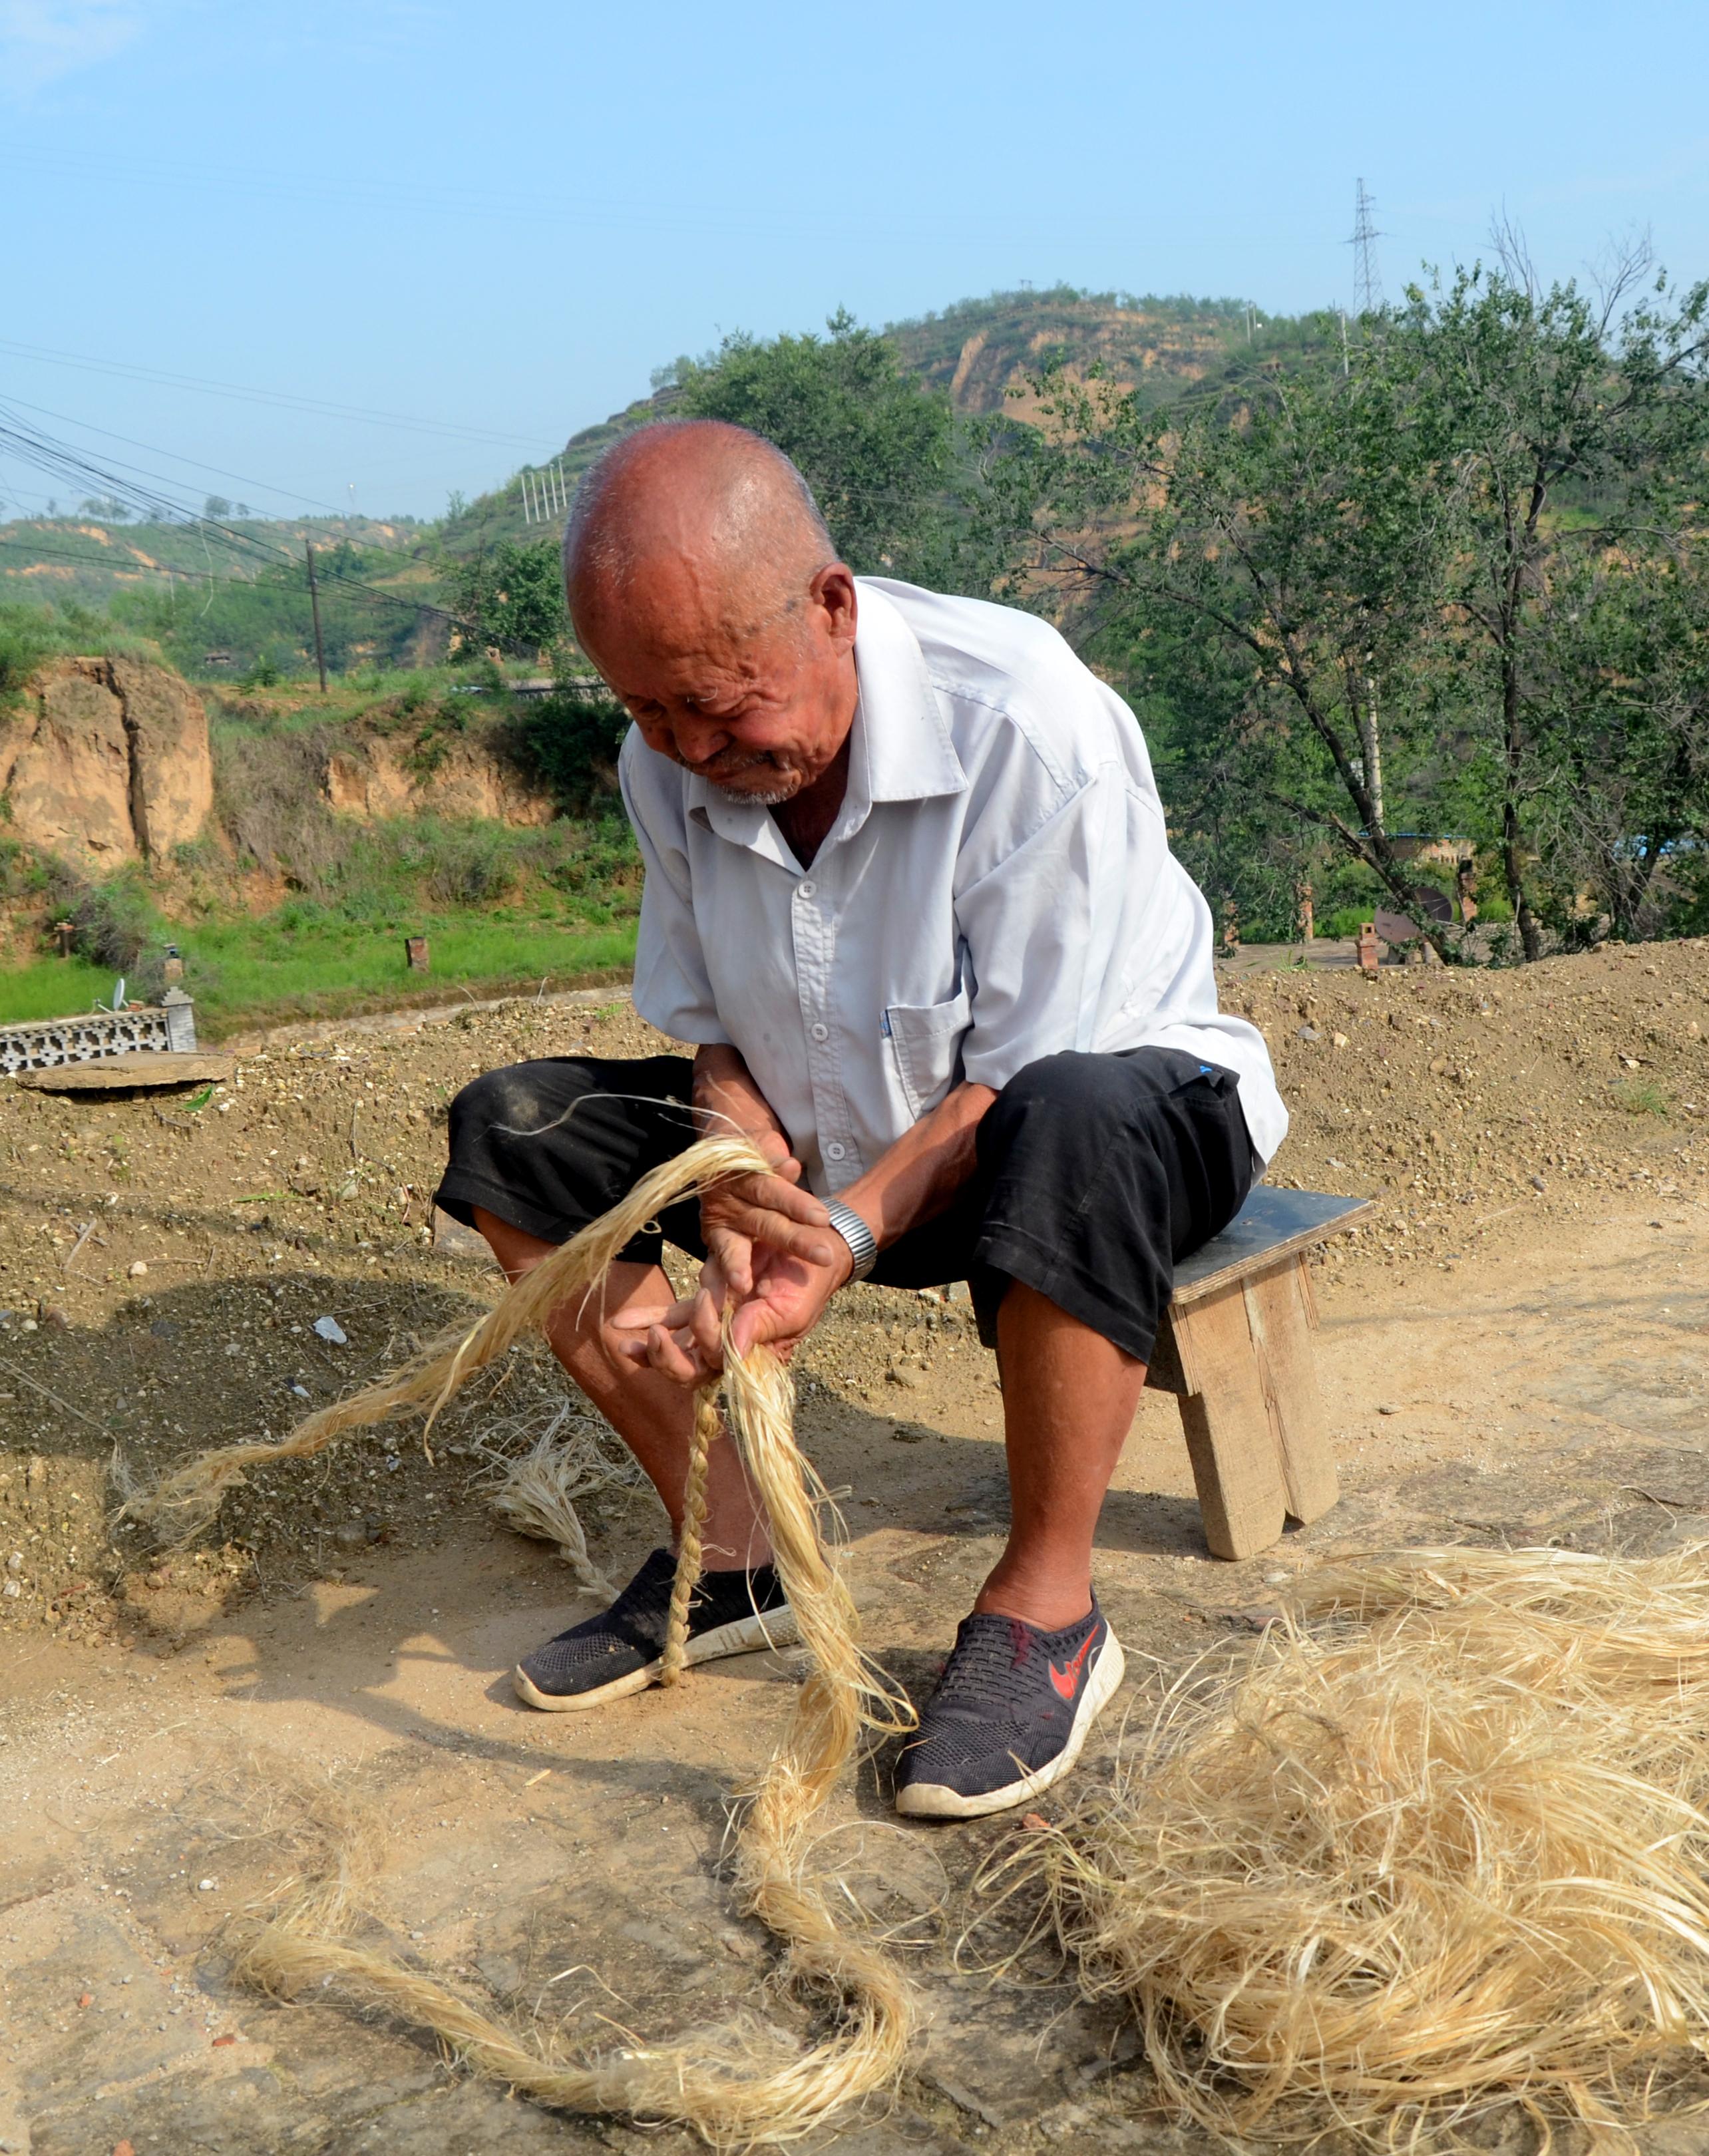 陕北绳匠:在长绳上谱写人生乐谱的人丨工匠精神